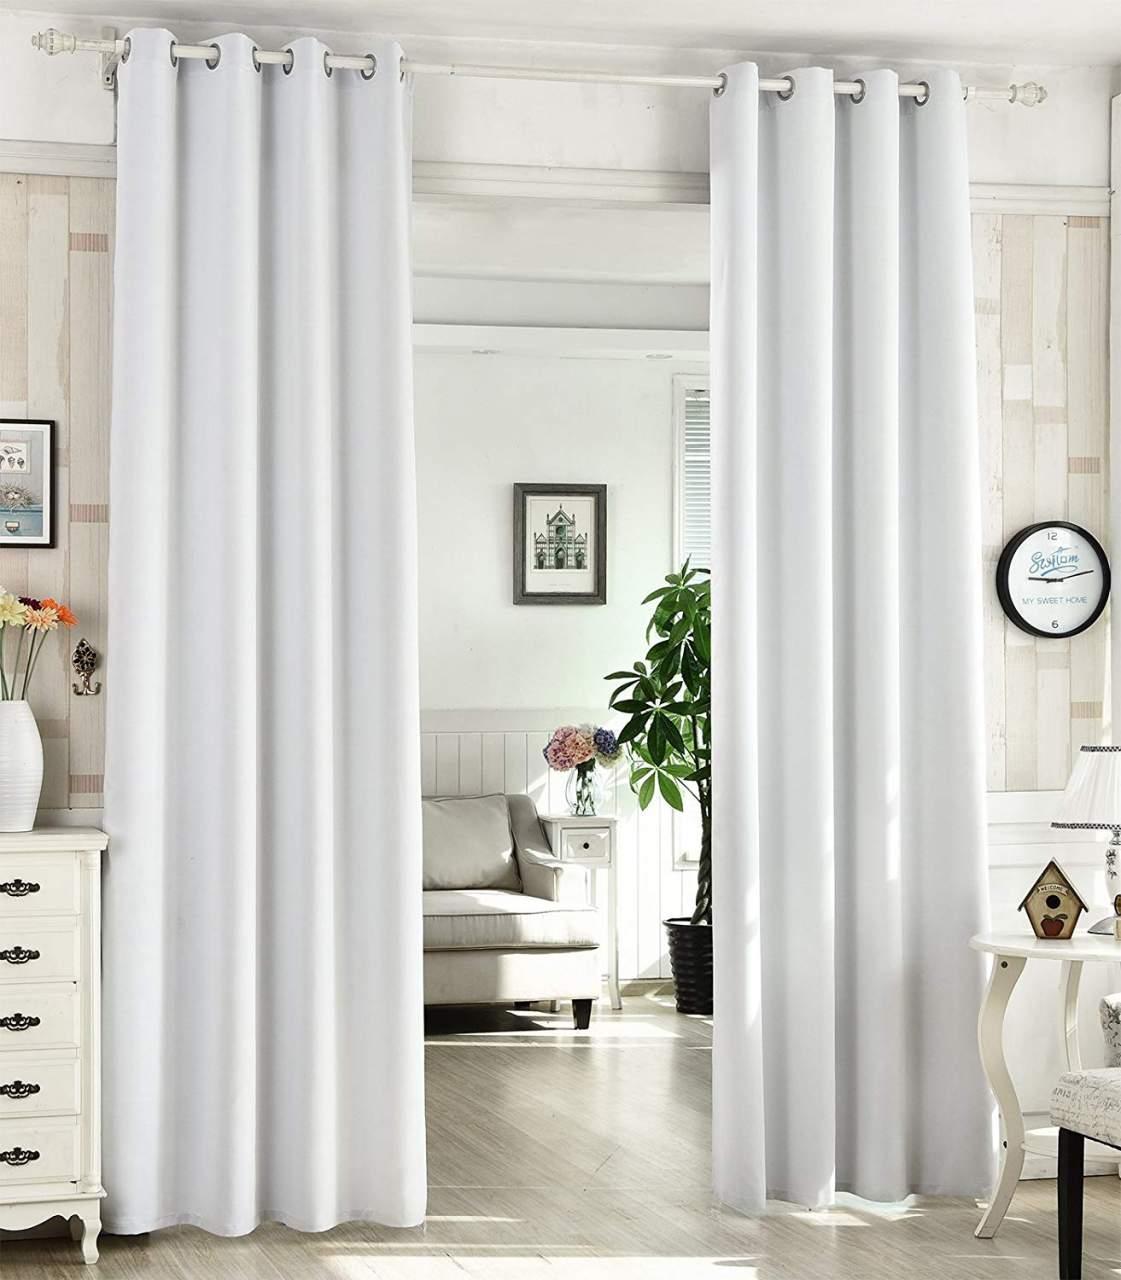 Full Size of Gardinen Für Schlafzimmer Die Küche Scheibengardinen Fenster Wohnzimmer Wohnzimmer Blickdichte Gardinen